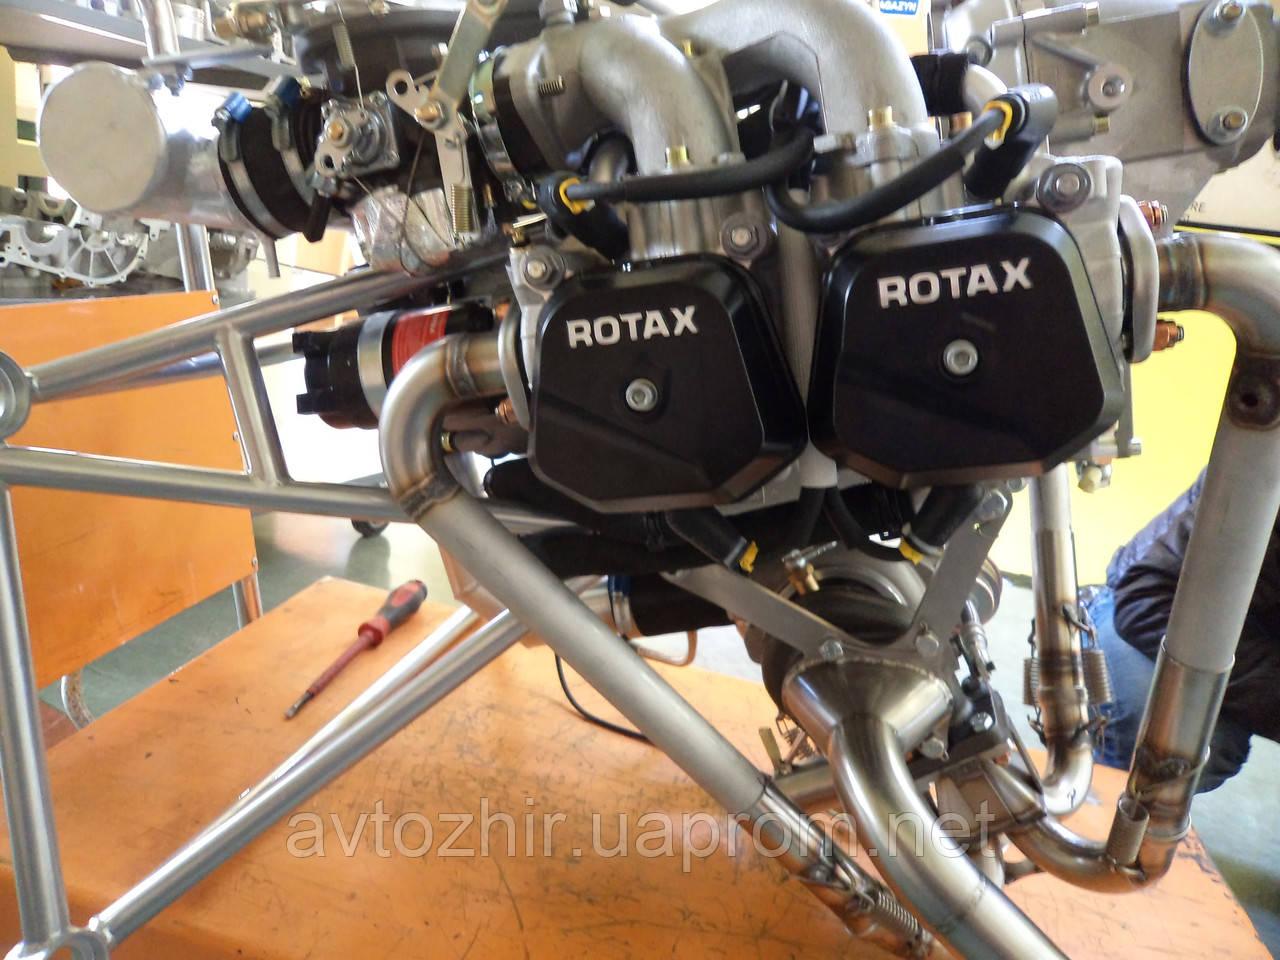 """Двигатель ROTAX 912 turbo Interkuler 125 л.с - ПП """"АВТОЖИР"""" в Бердичеве"""